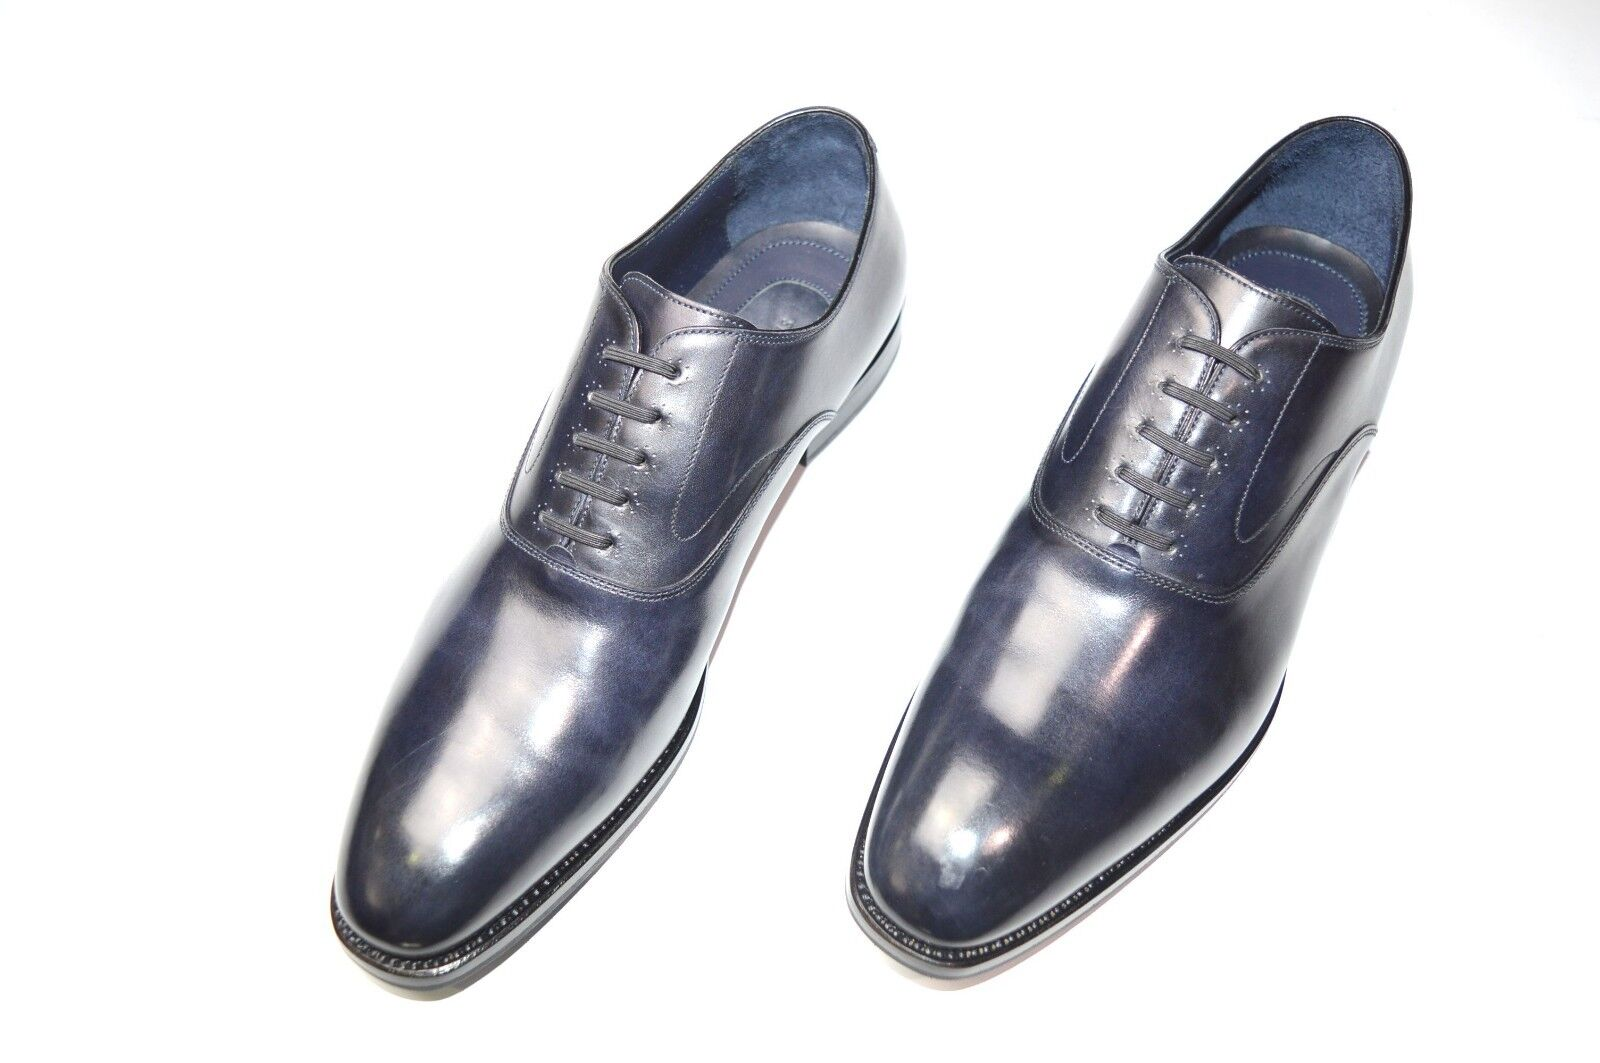 Nuevo De Lujo Cuero STEFANO RICCI Zapatos Talla nos 9.5 (COD N80)